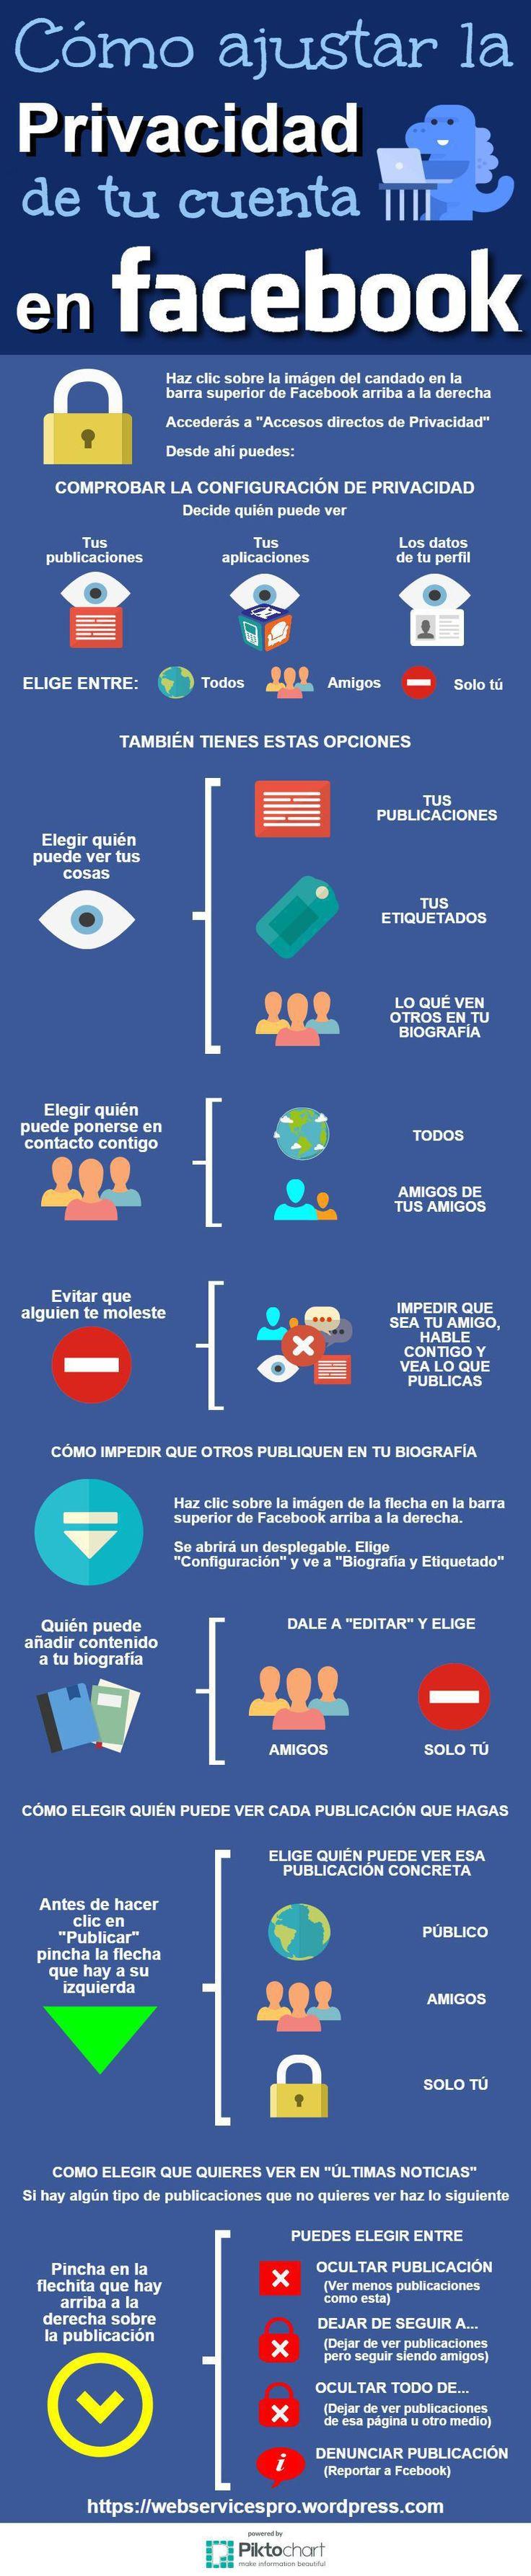 CÓMO AJUSTAR LA PRIVACIDAD DE TU CUENTA EN FACEBOOK #INFOGRAFIA #INFOGRAPHIC #SOCIALMEDIA